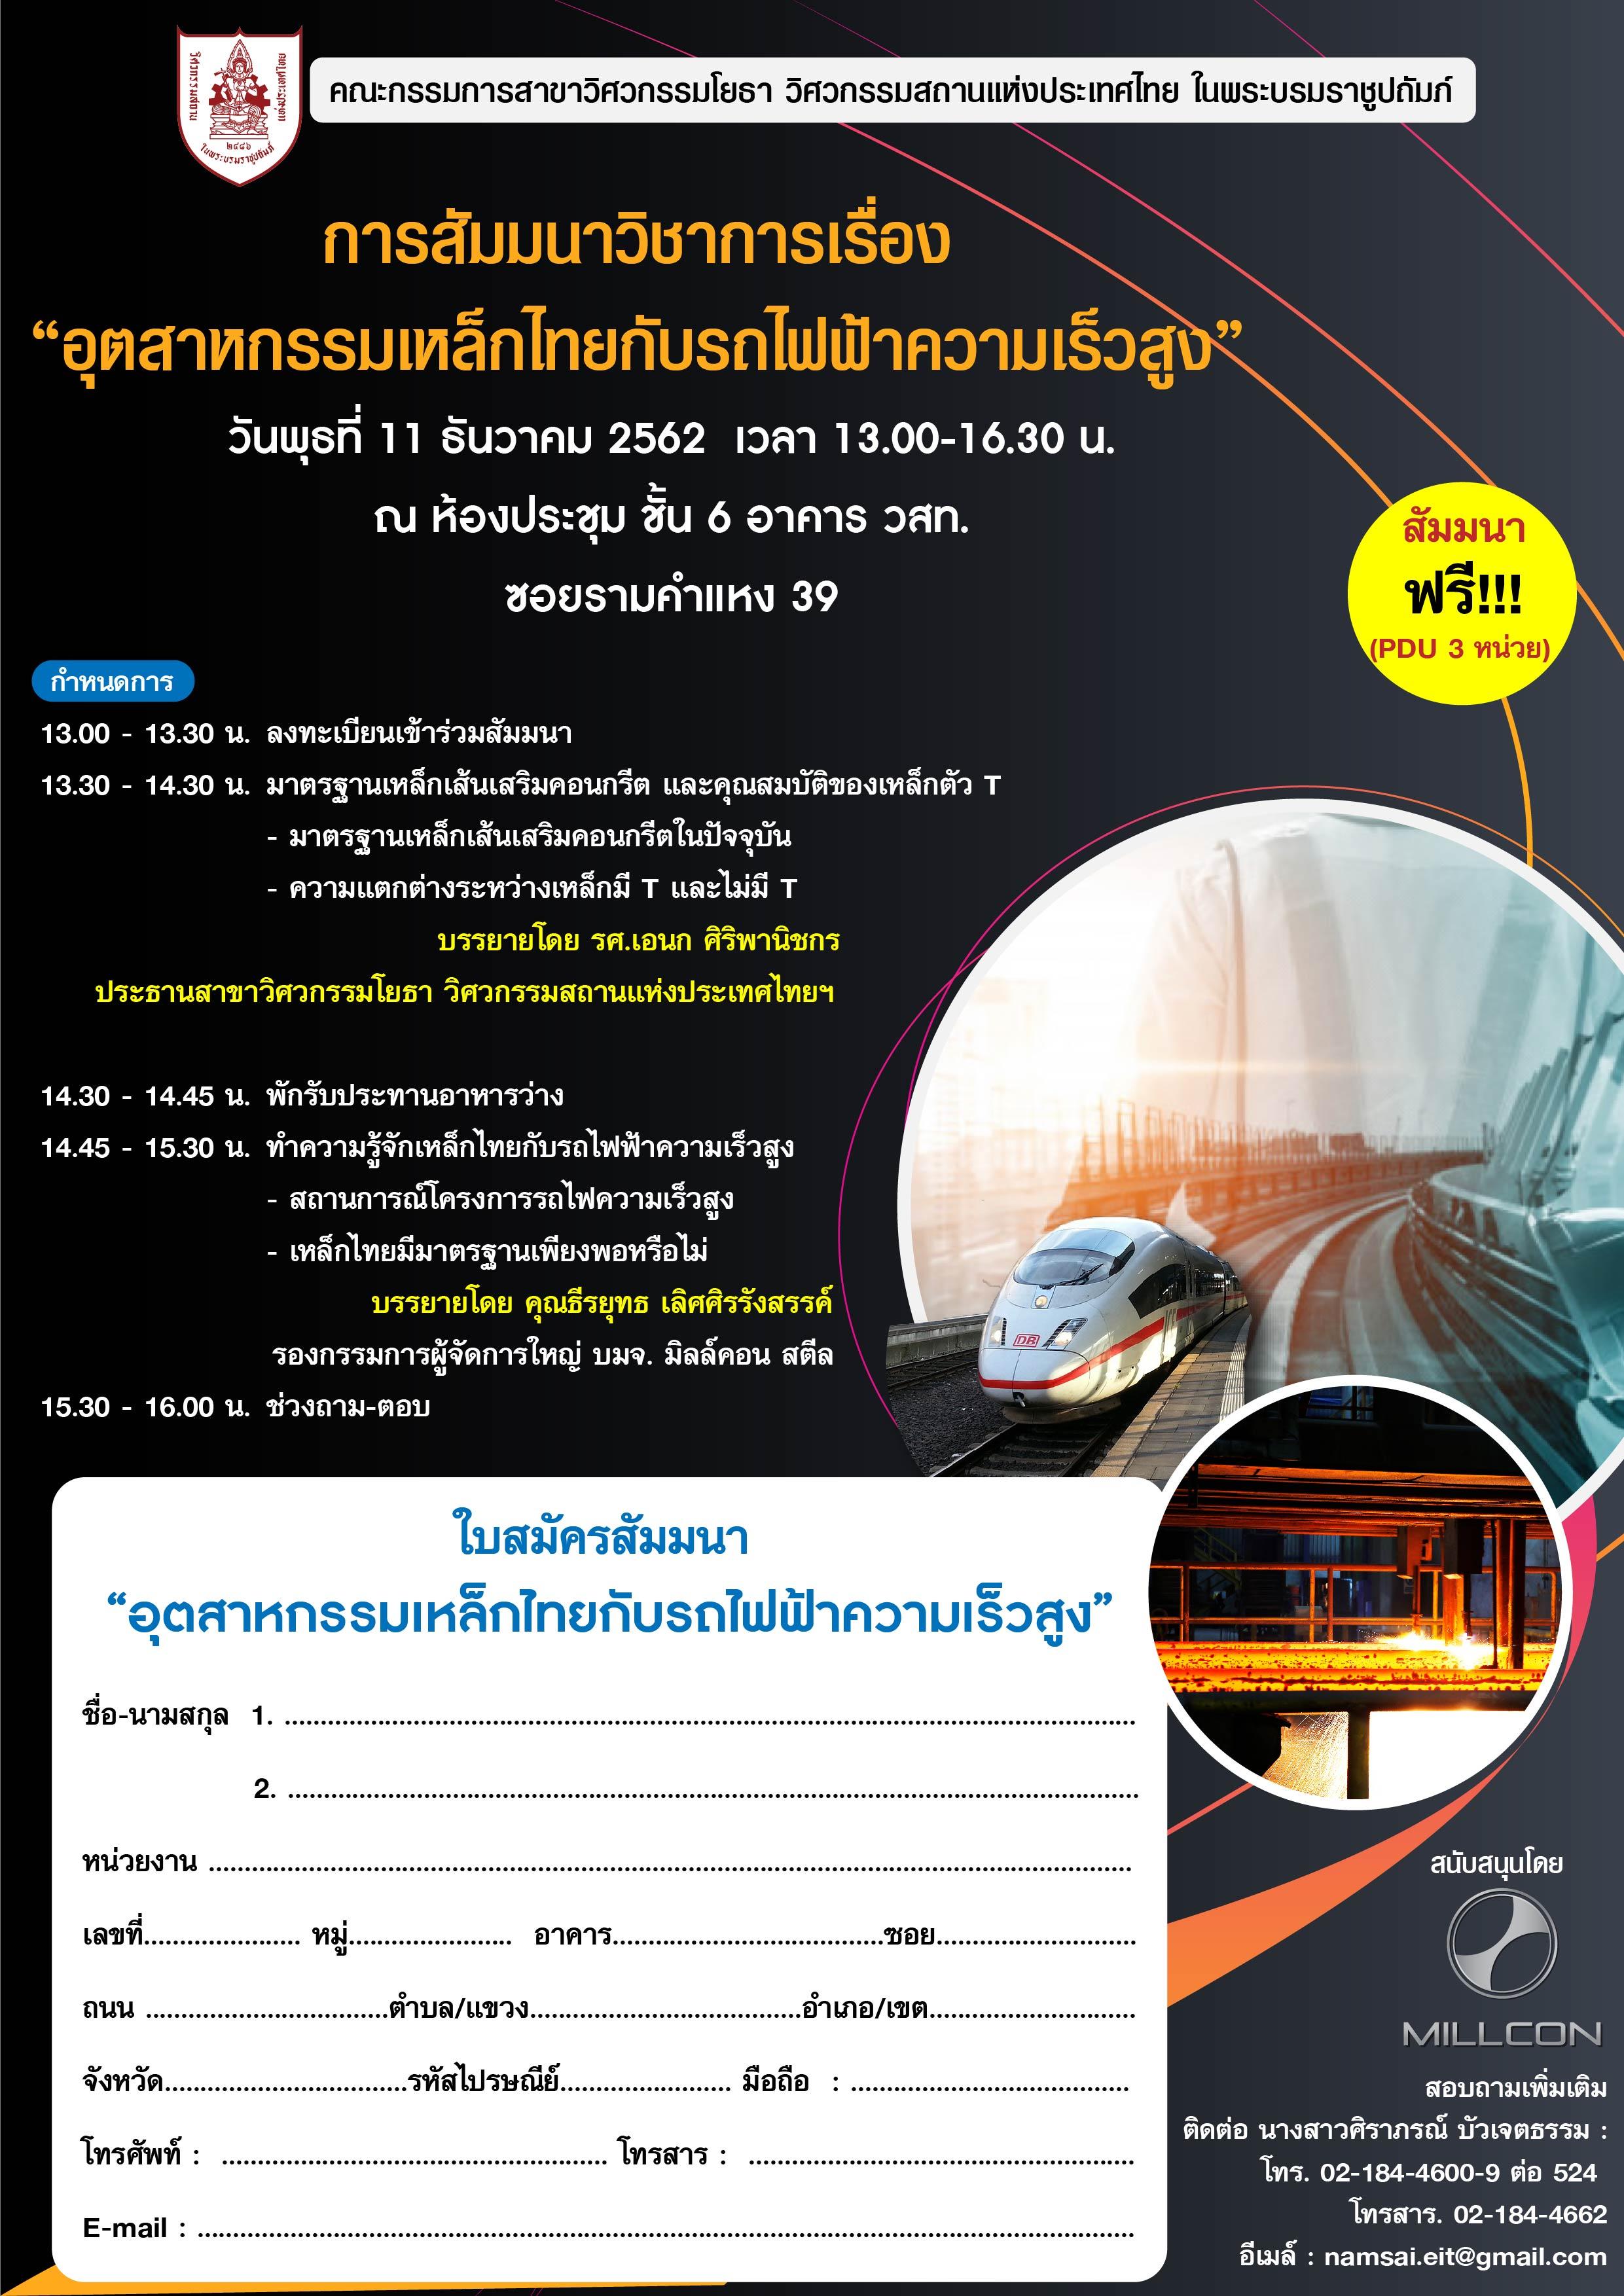 """การสัมมนาวิชาการเรื่อง """"อุตสาหกรรมเหล็กไทยกับรถไฟฟ้าความเร็วสูง"""" ฟรี!!"""